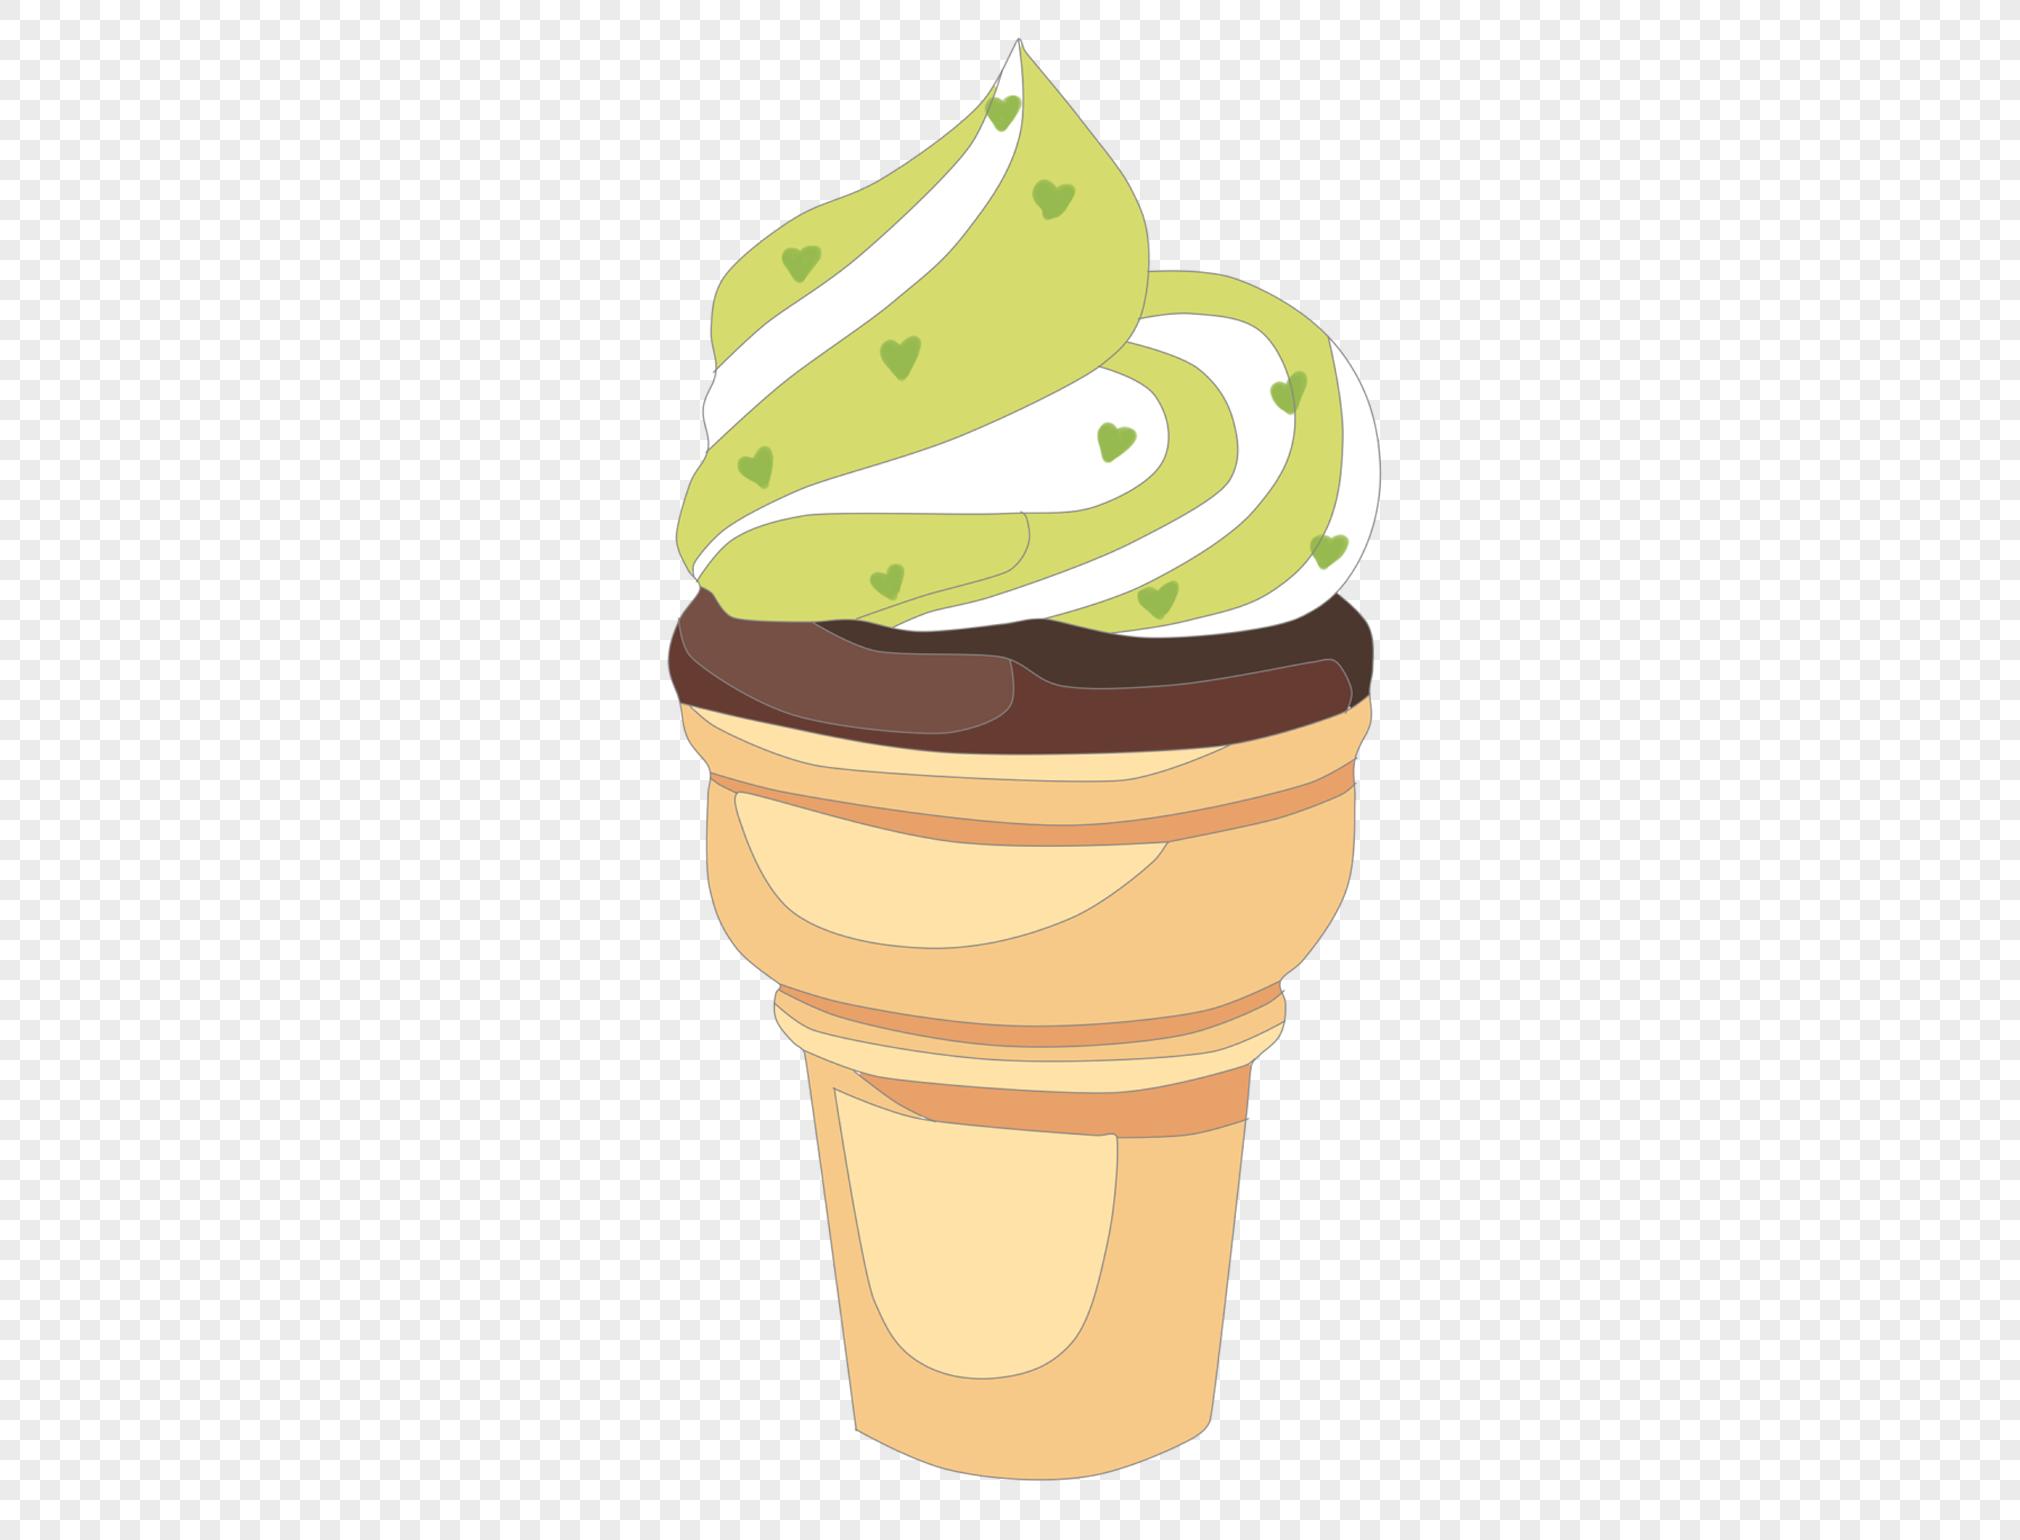 图片 素材 手绘/卡通元素 华夫抹茶甜筒.